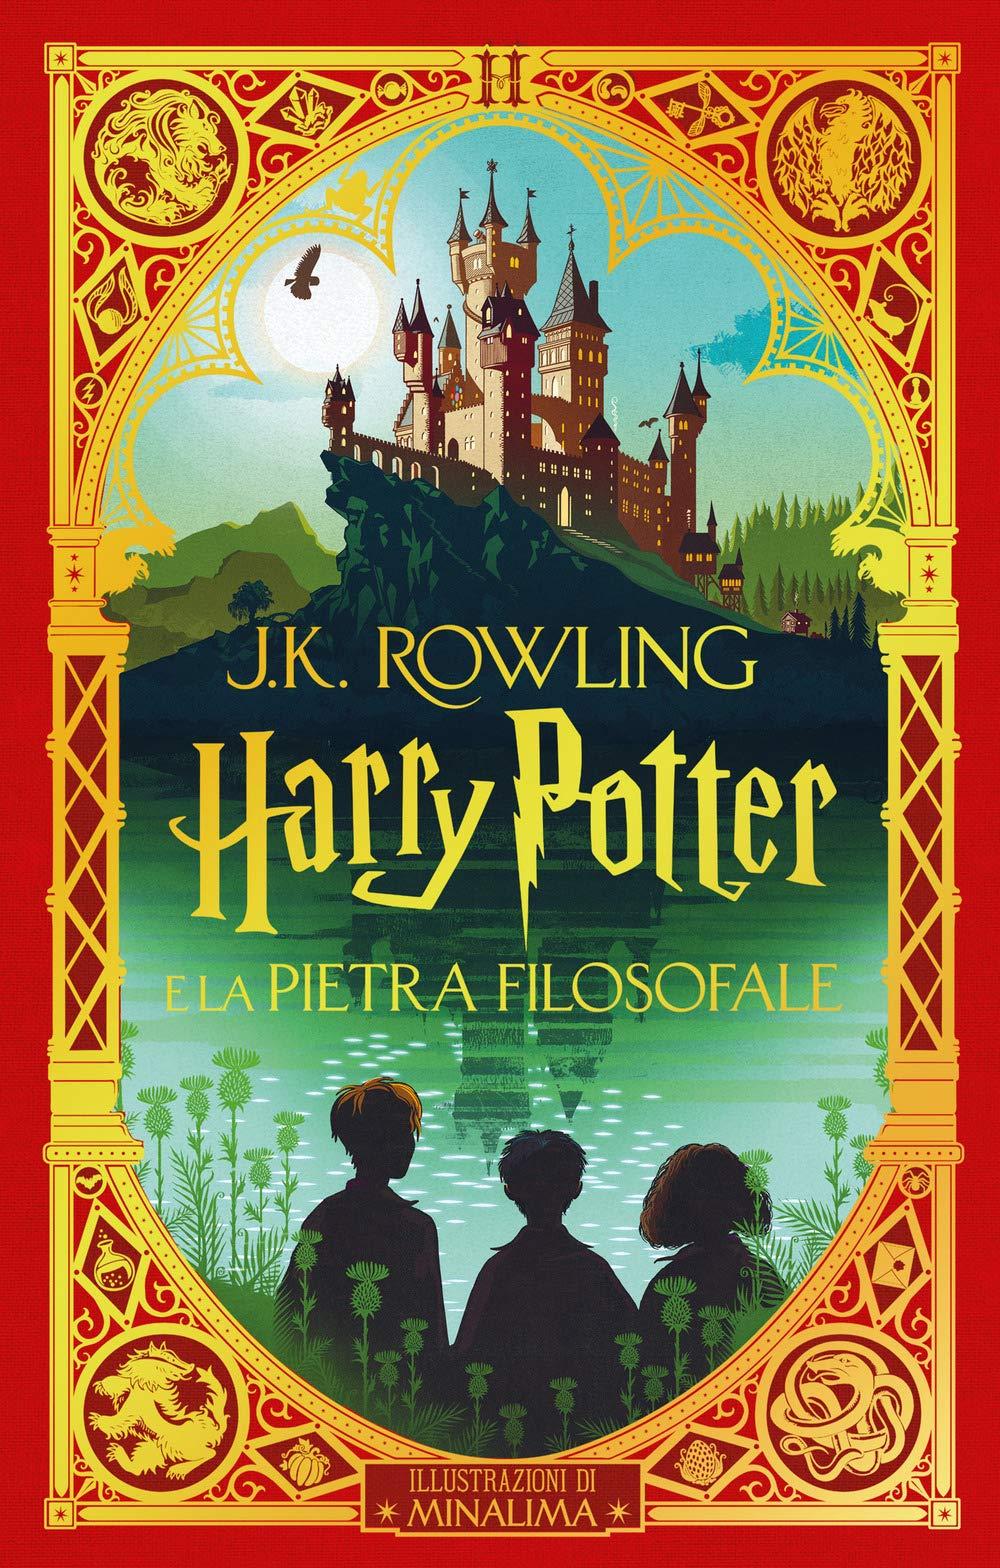 Harry Potter e la pietra filosofale Nuova edizione ManLima Papercut 2020